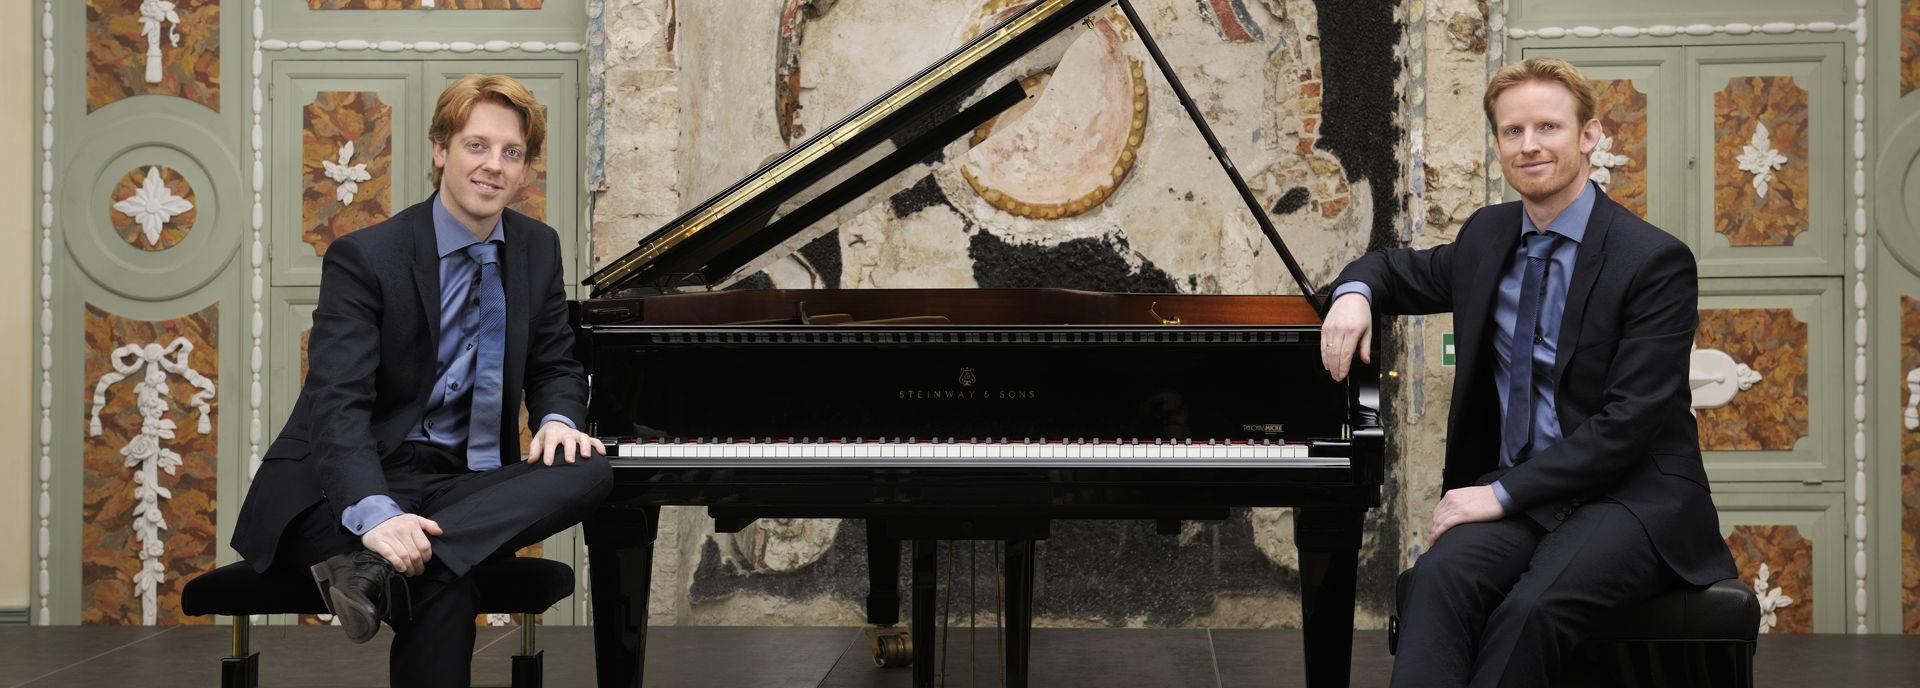 Gebroeders Blaak pianoduo